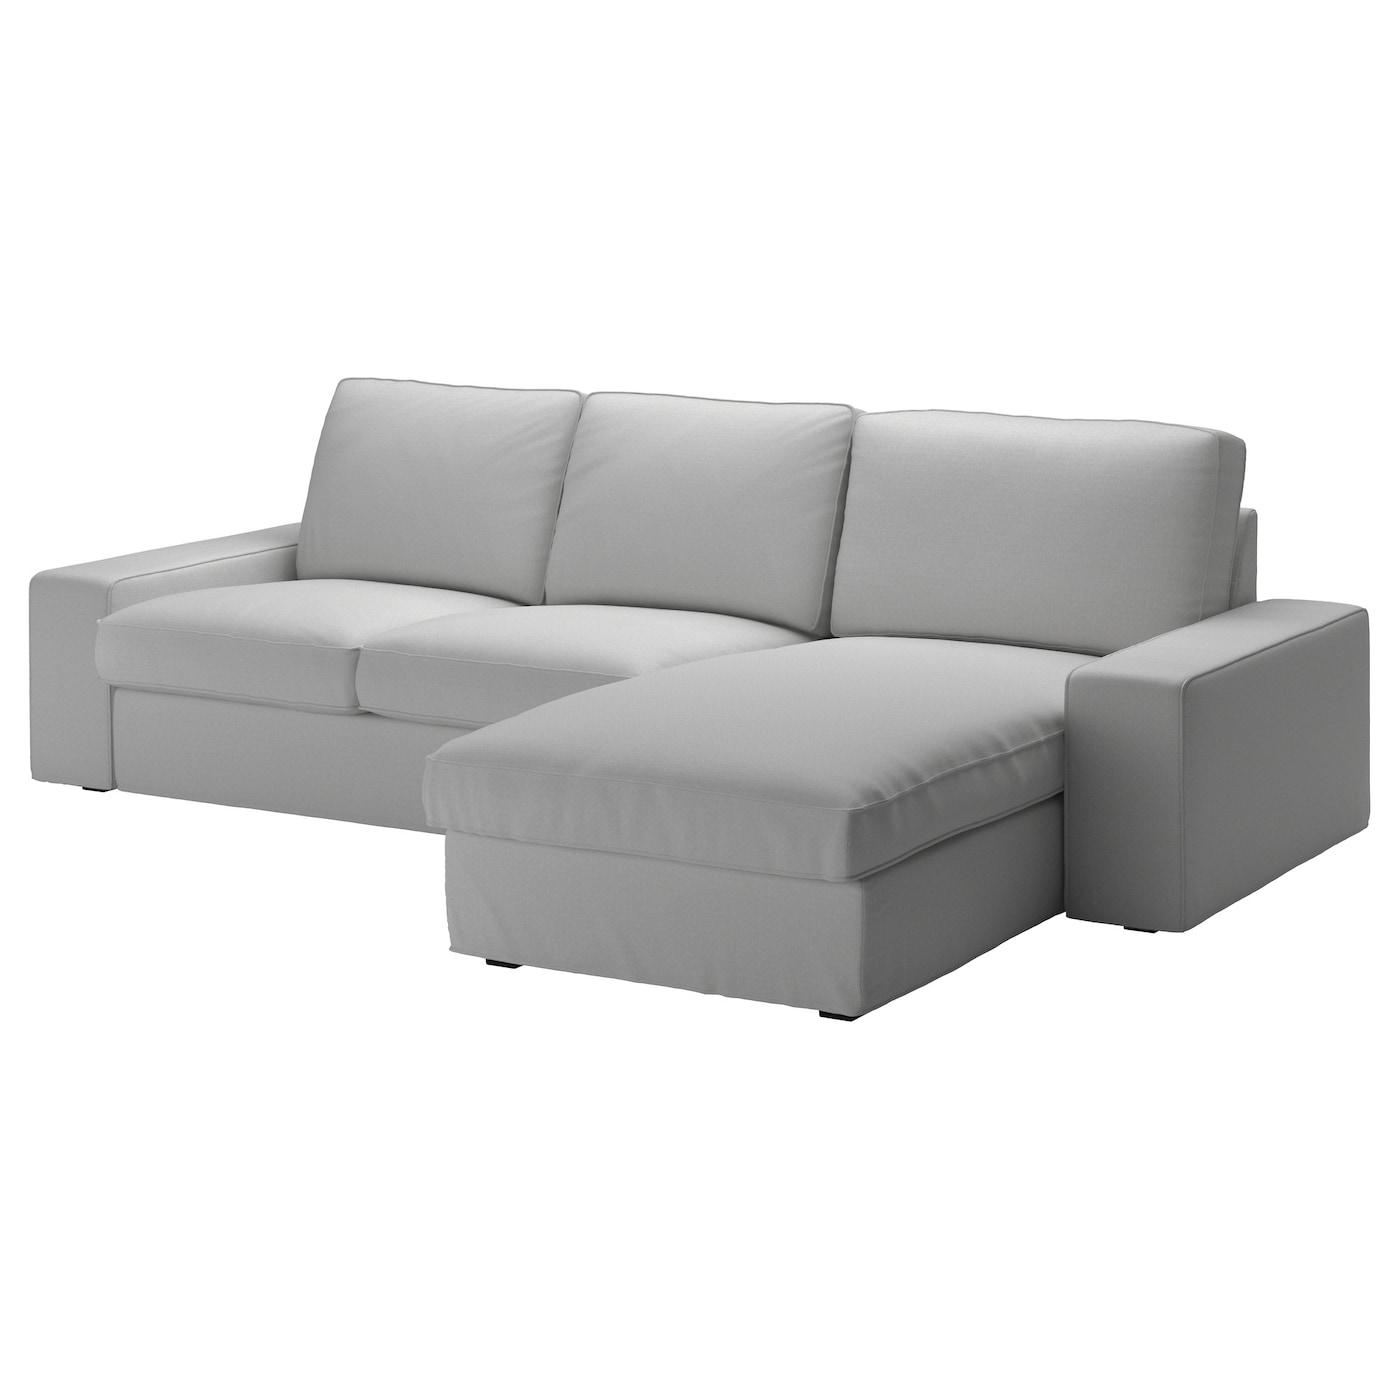 IKEA KIVIK jasnoszara sofa trzyosobowa z szezlongiem